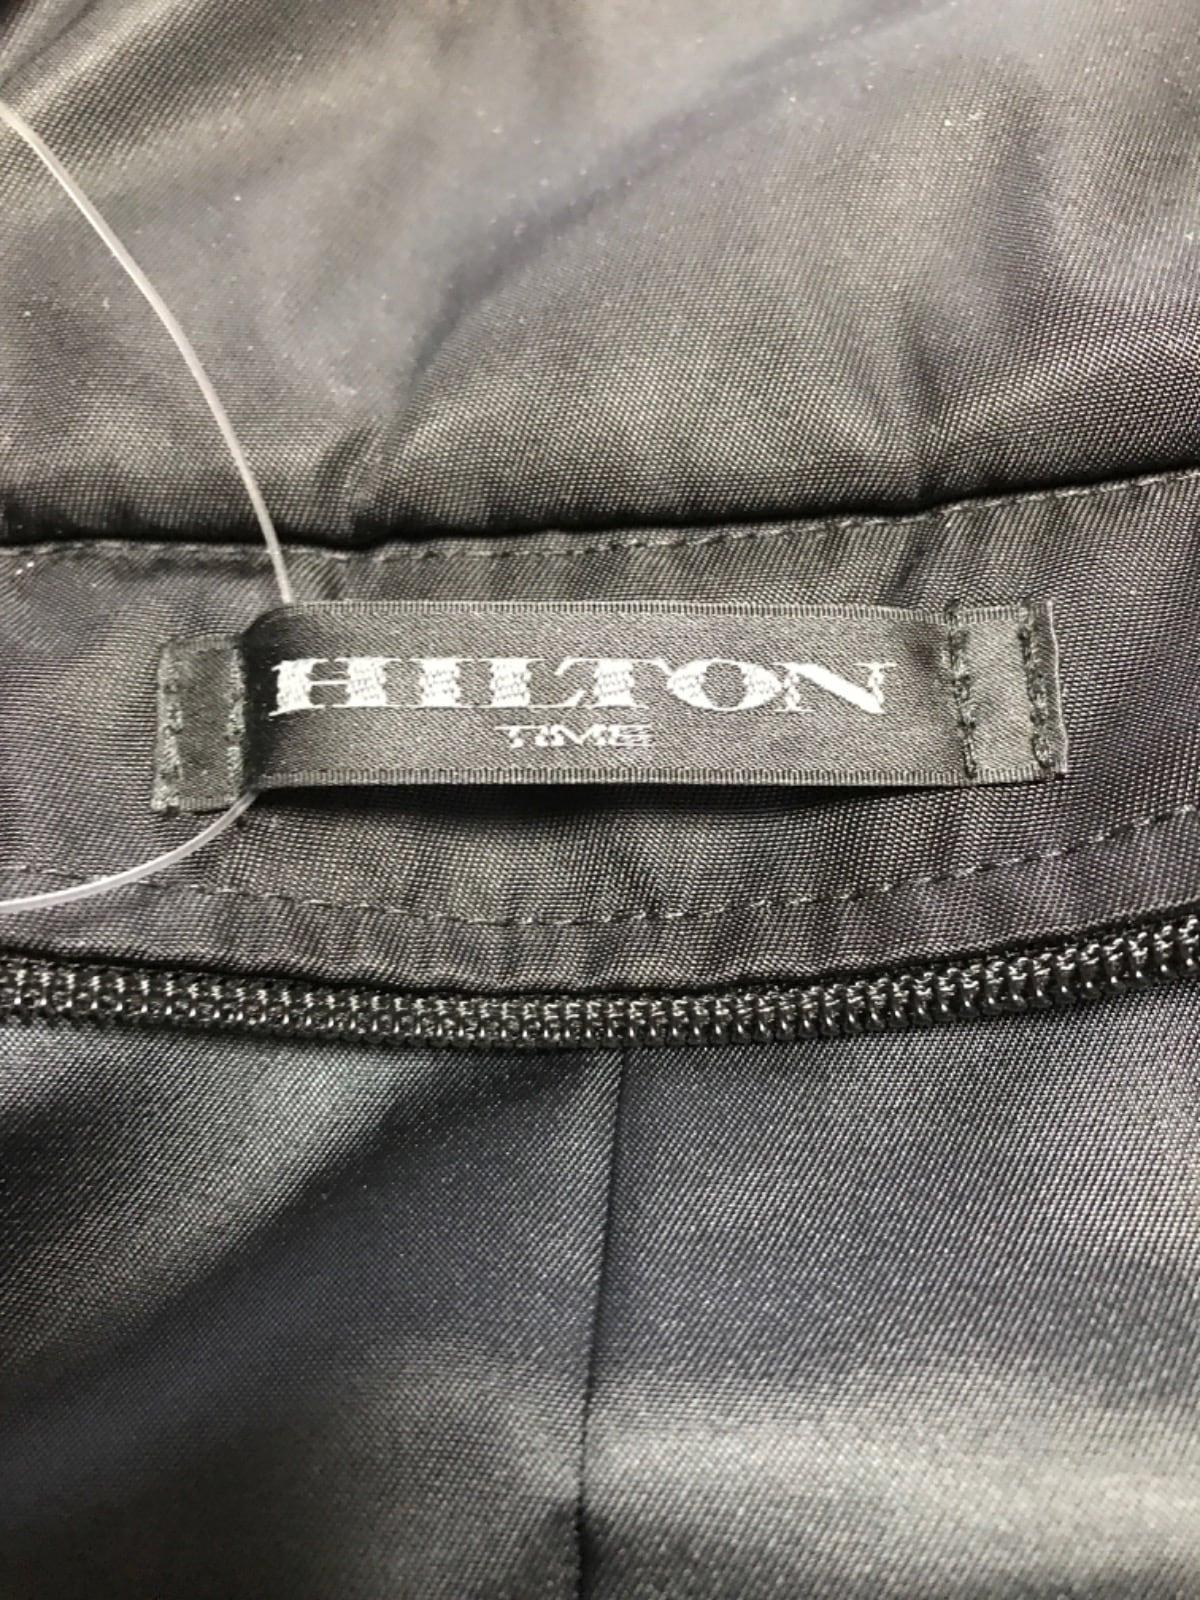 HILTON TIME(ヒルトンタイム)のコート